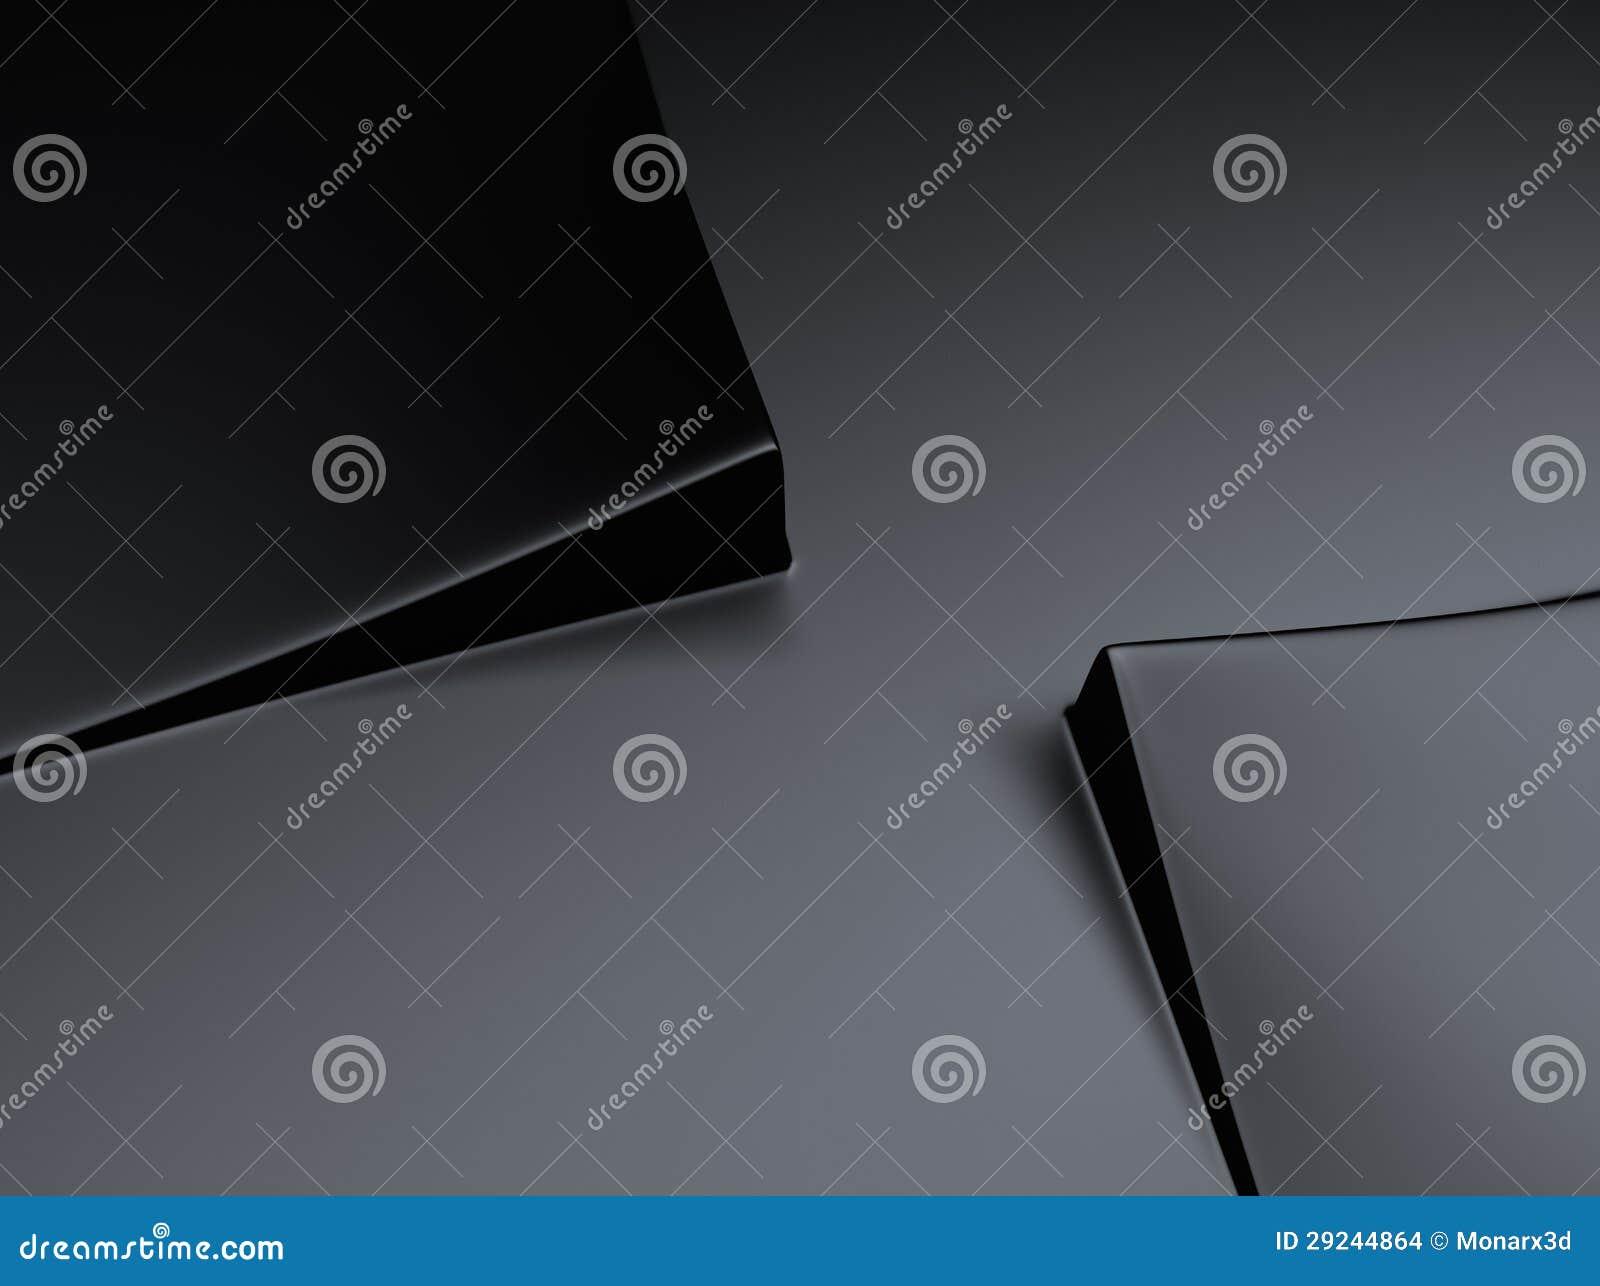 Download Fundo Metálico Com Quadrados Ilustração Stock - Ilustração de metálico, backdrop: 29244864